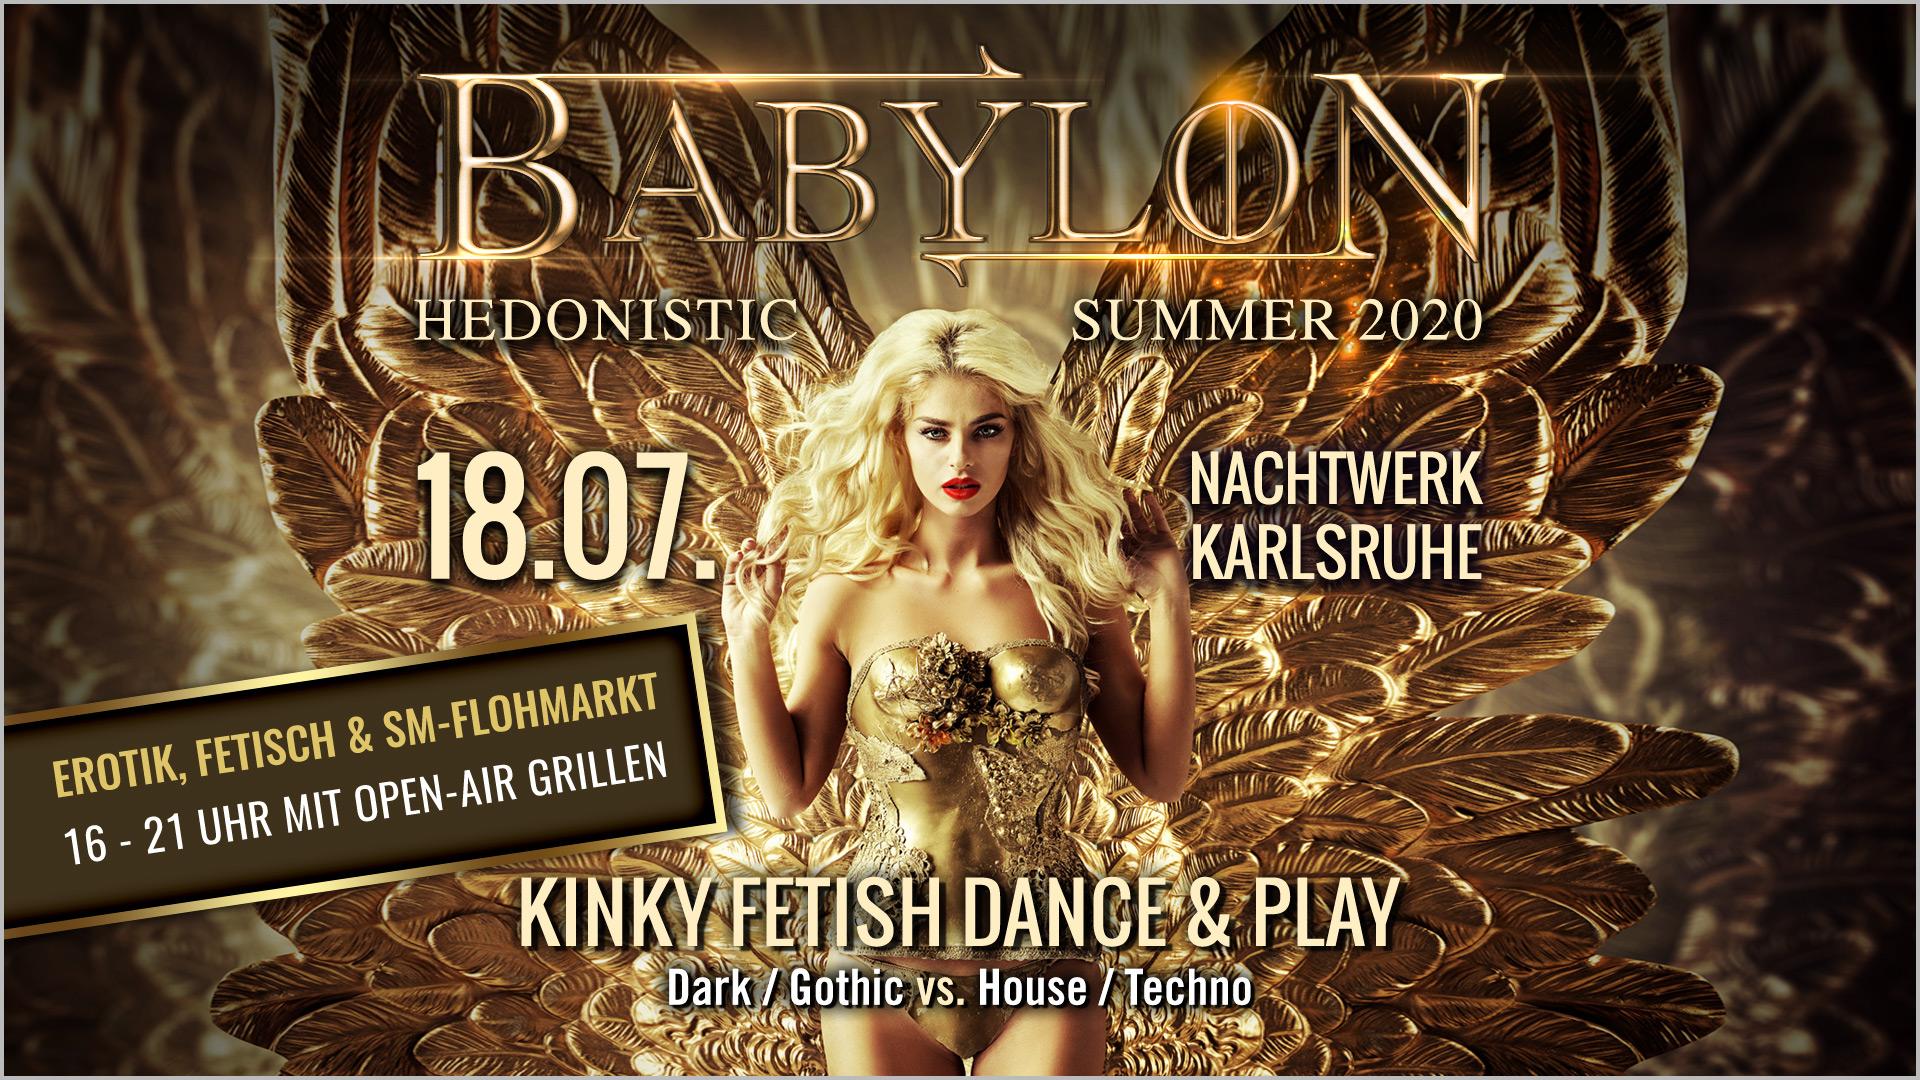 BABYBLON » Die hedonistische Kinky Fetish Dance & Play-Party in Karlsruhe mit DJ Gillian und DJ Andrew Clark. Dark/Gothic meets House/Techno. Mit Erotik, Fetisch & SM-Flohmarkt vor der Party.